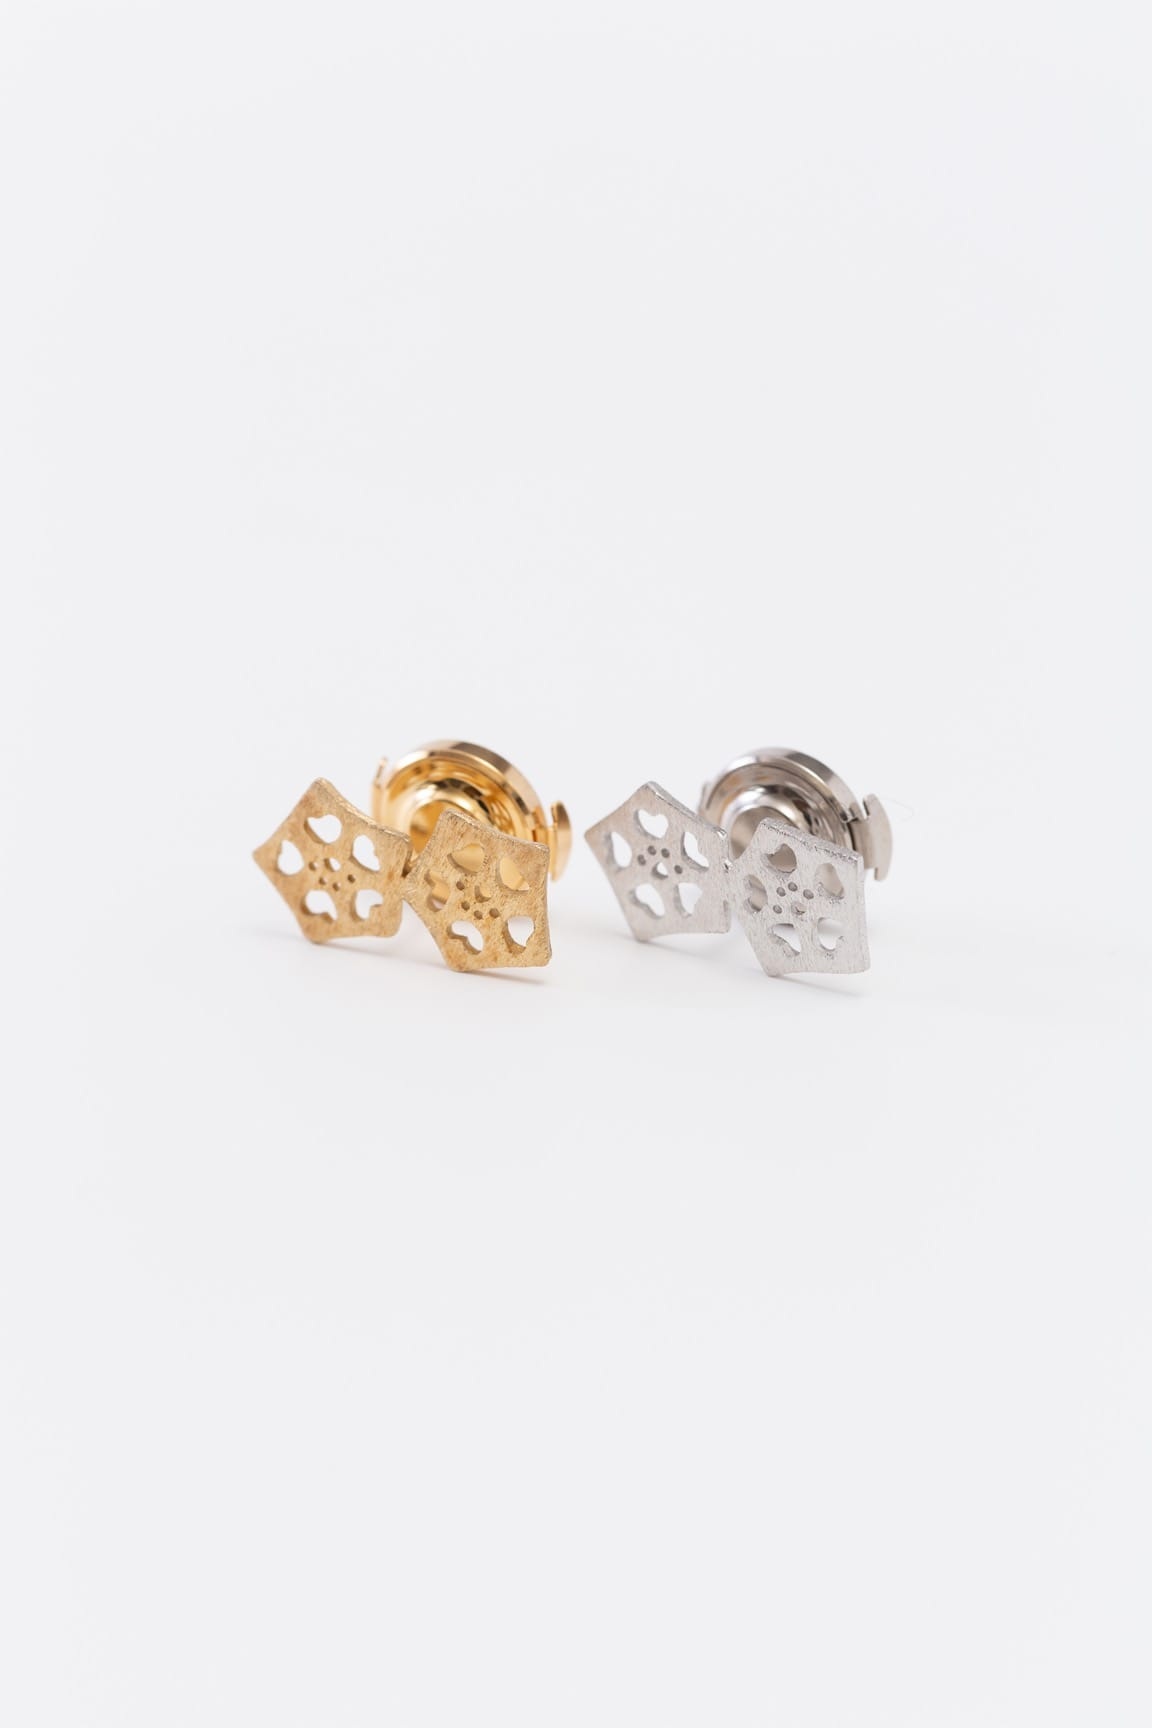 オクラ2個ピンブローチ(金銀)